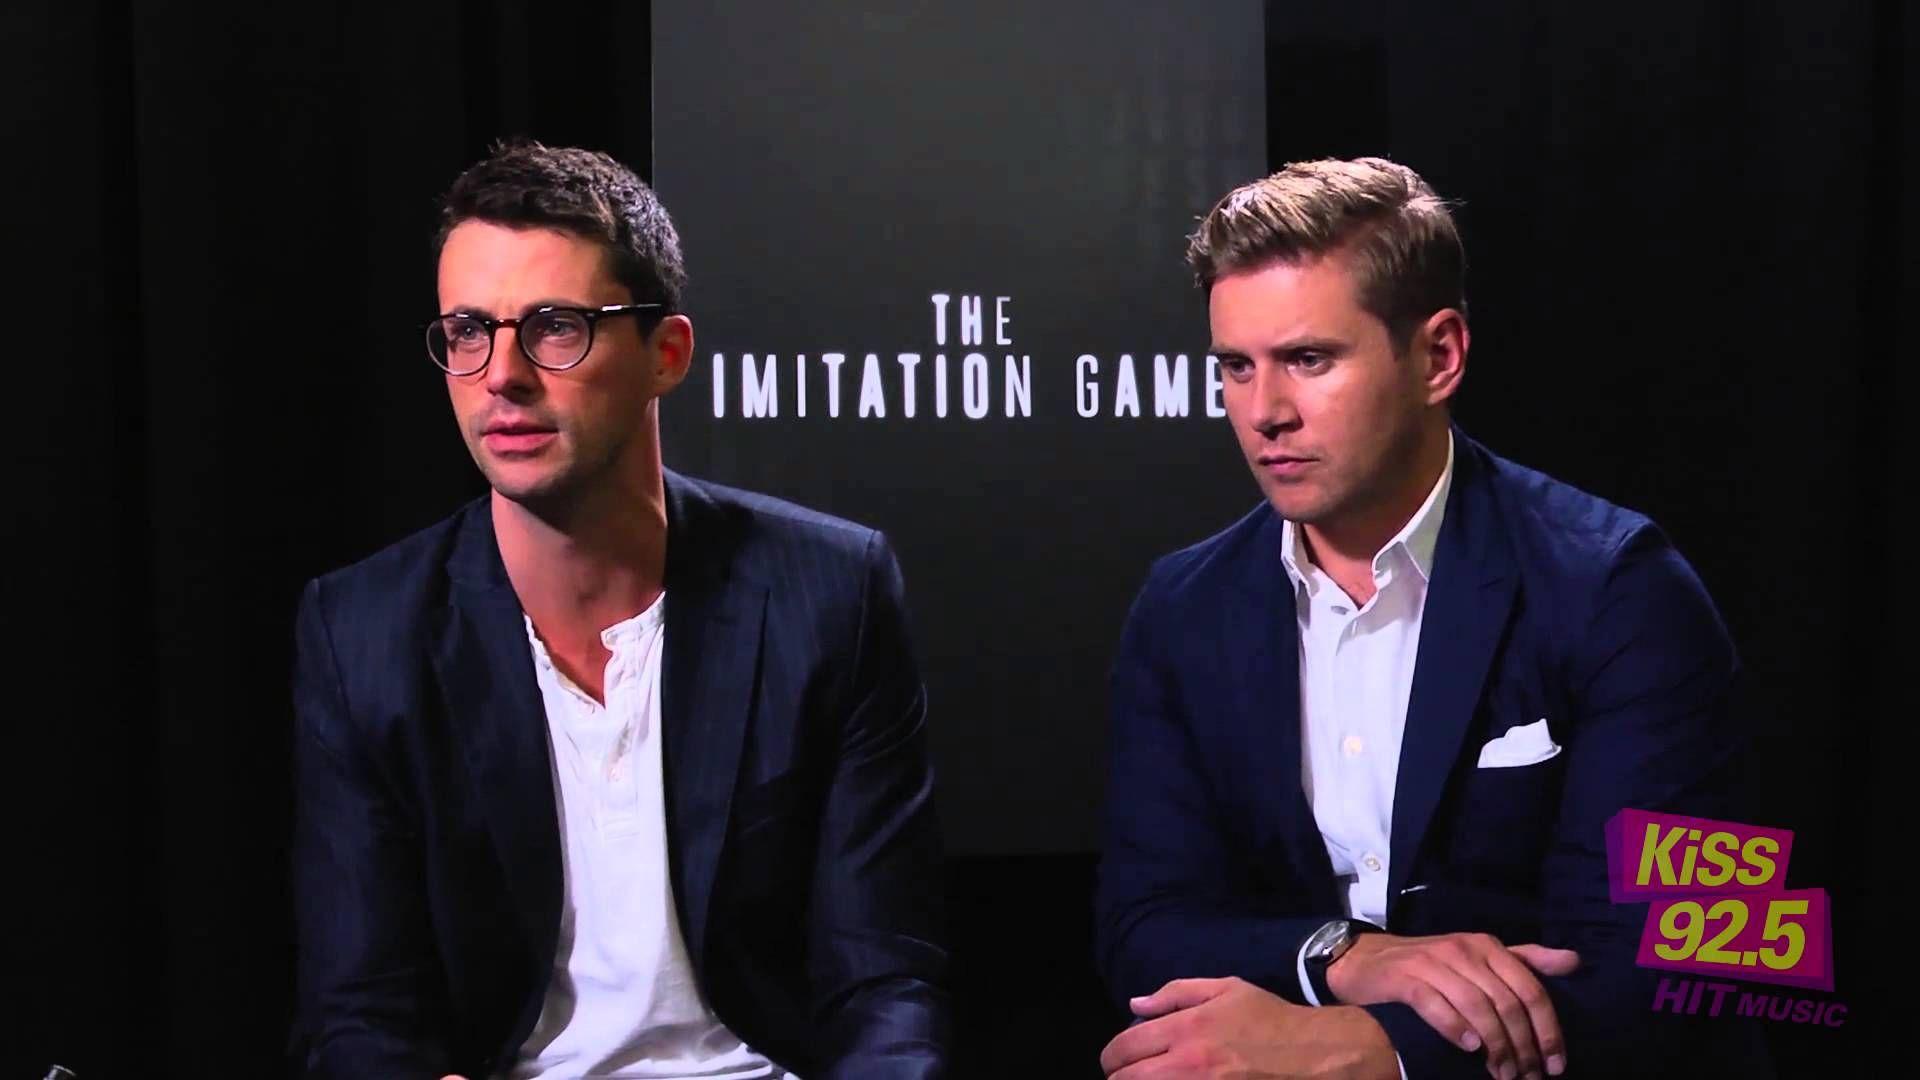 matthew goode & allen leech talk 'the imitation game'